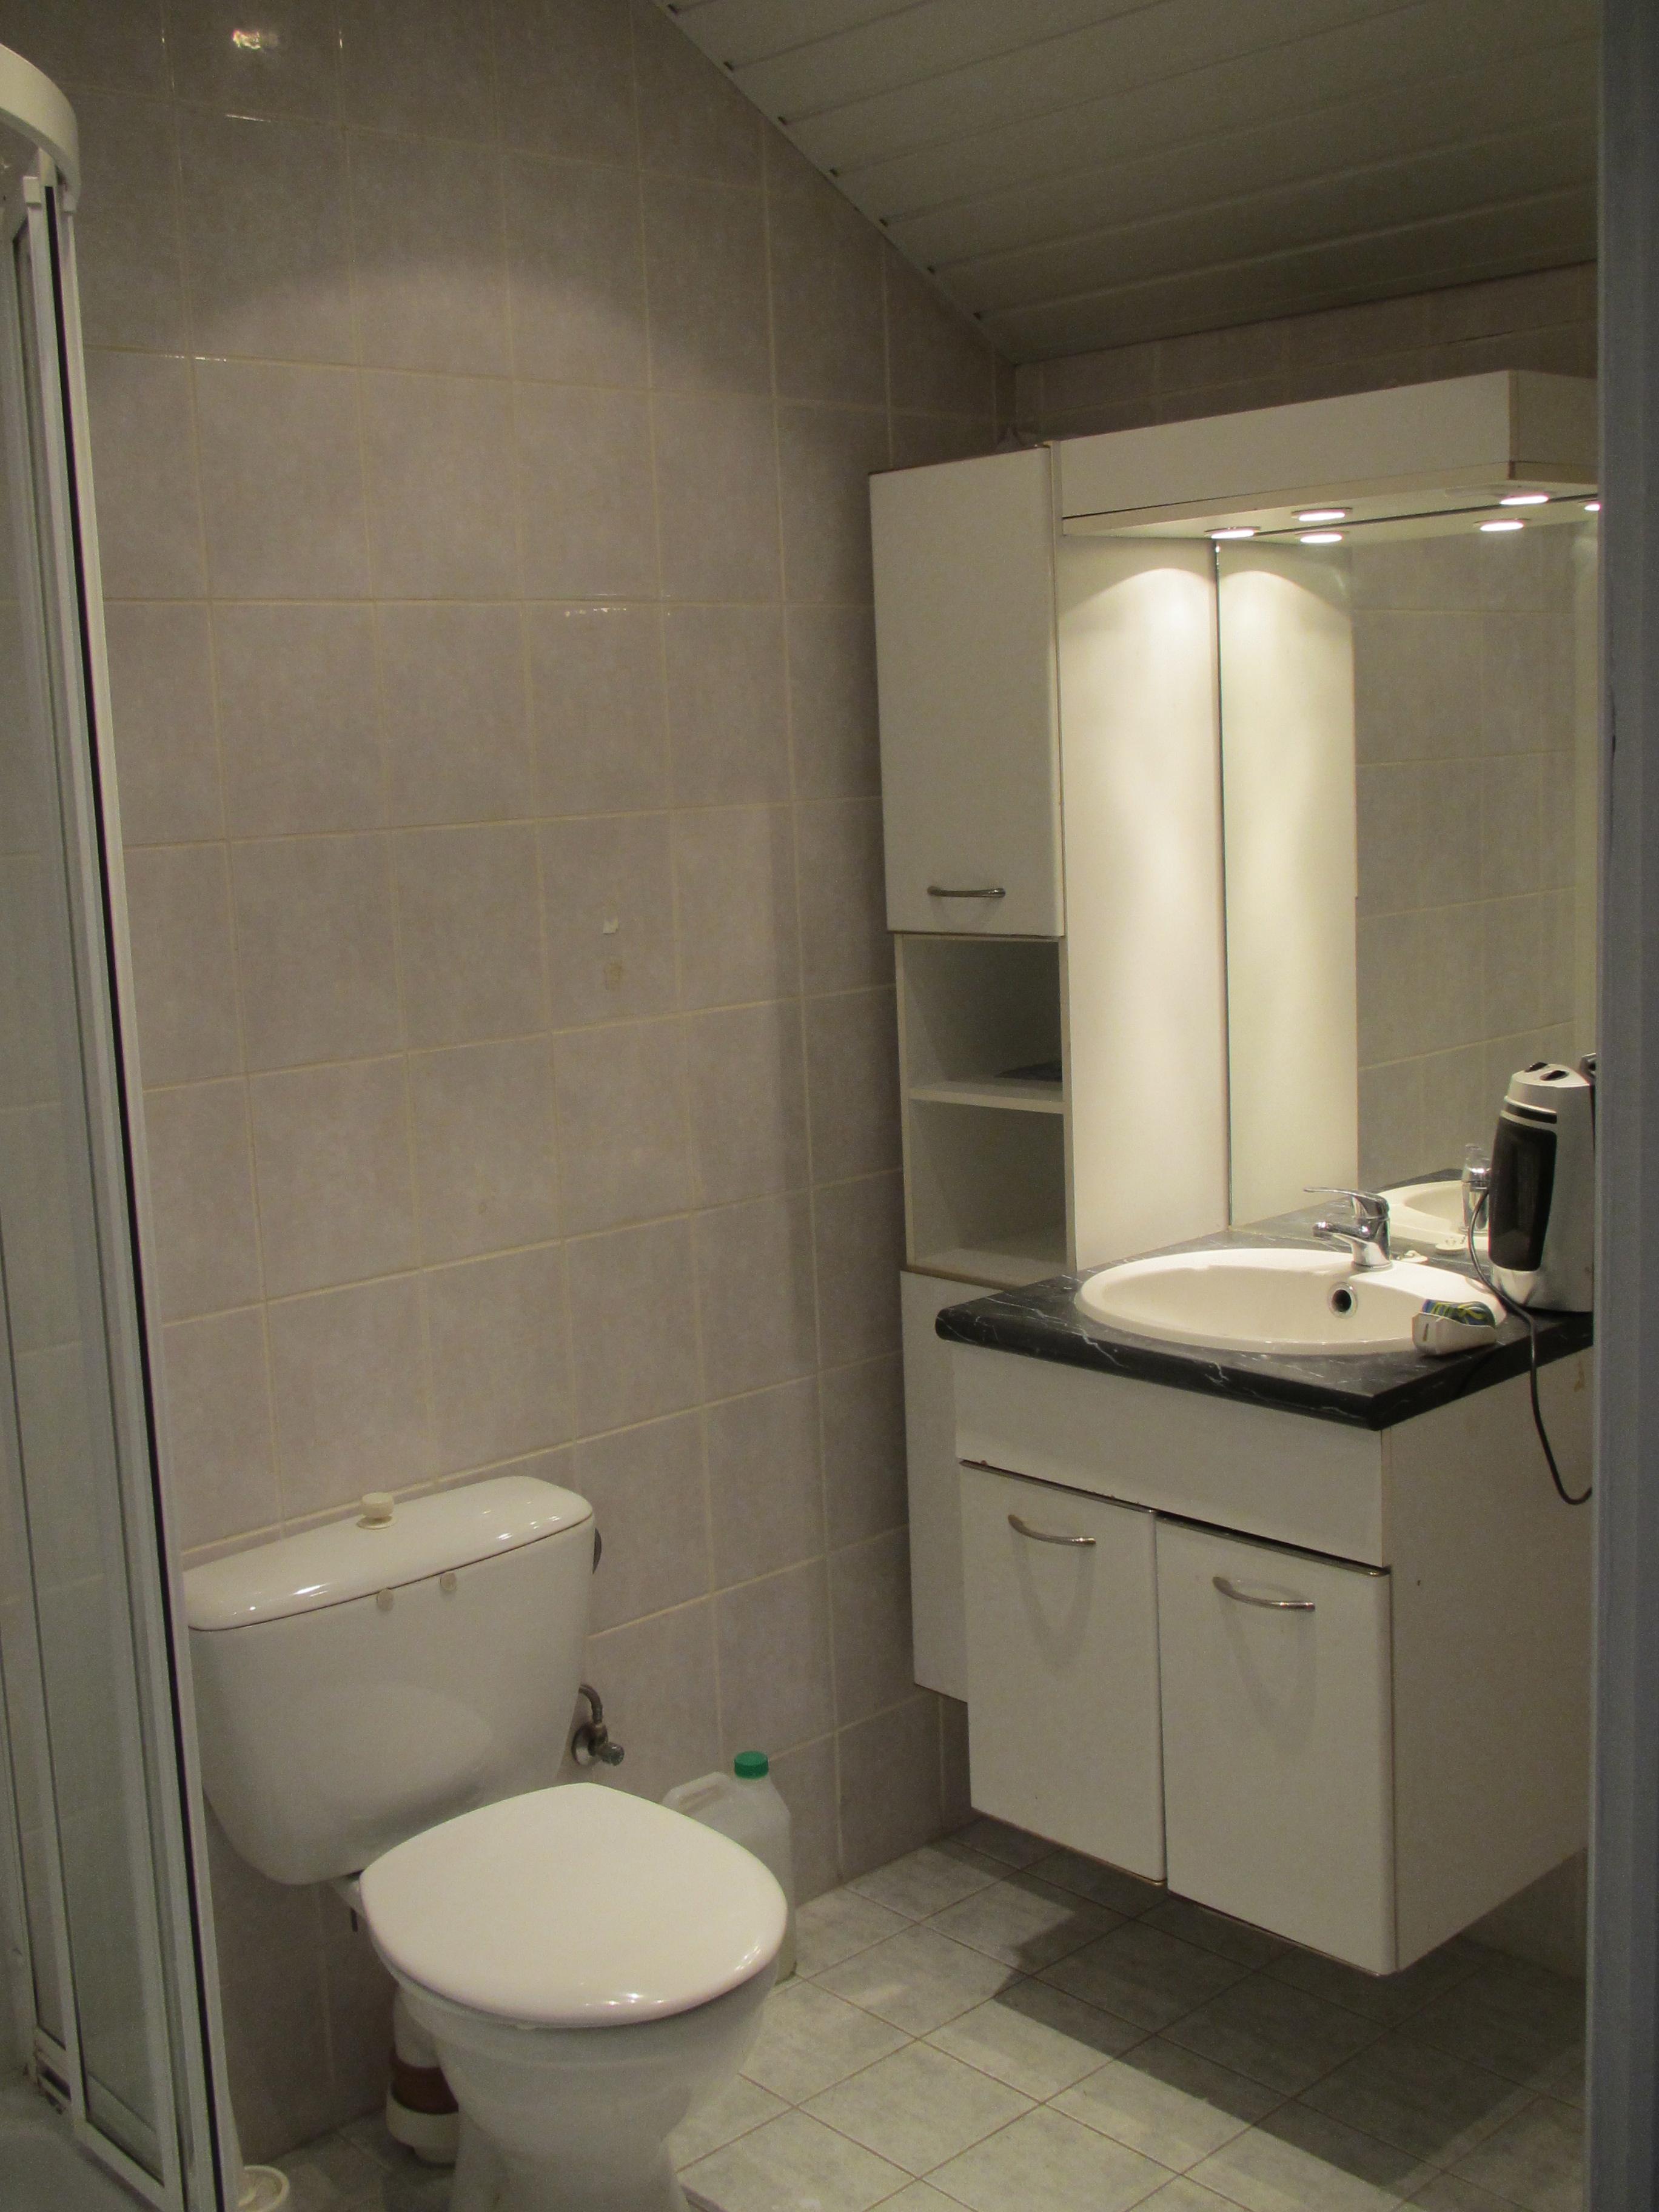 Piso 1 habitaci n en alquiler en bruselas gabinohome for Piso 1 habitacion